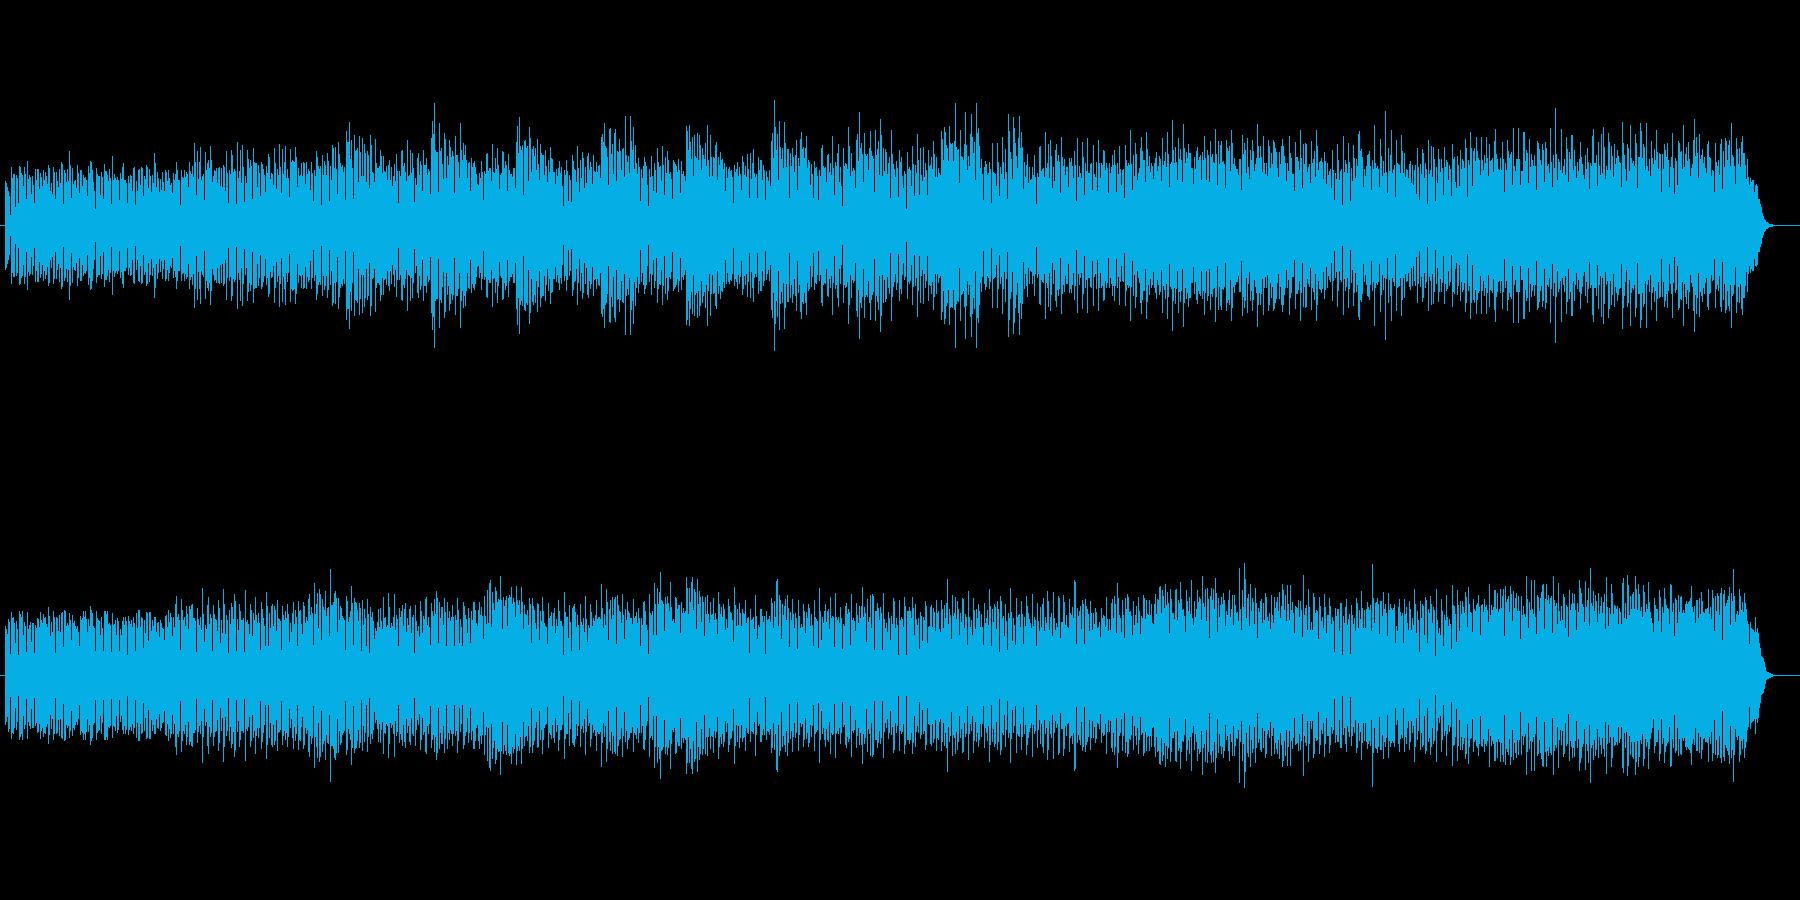 ニューエイジ・癒し系の1コード楽曲の再生済みの波形